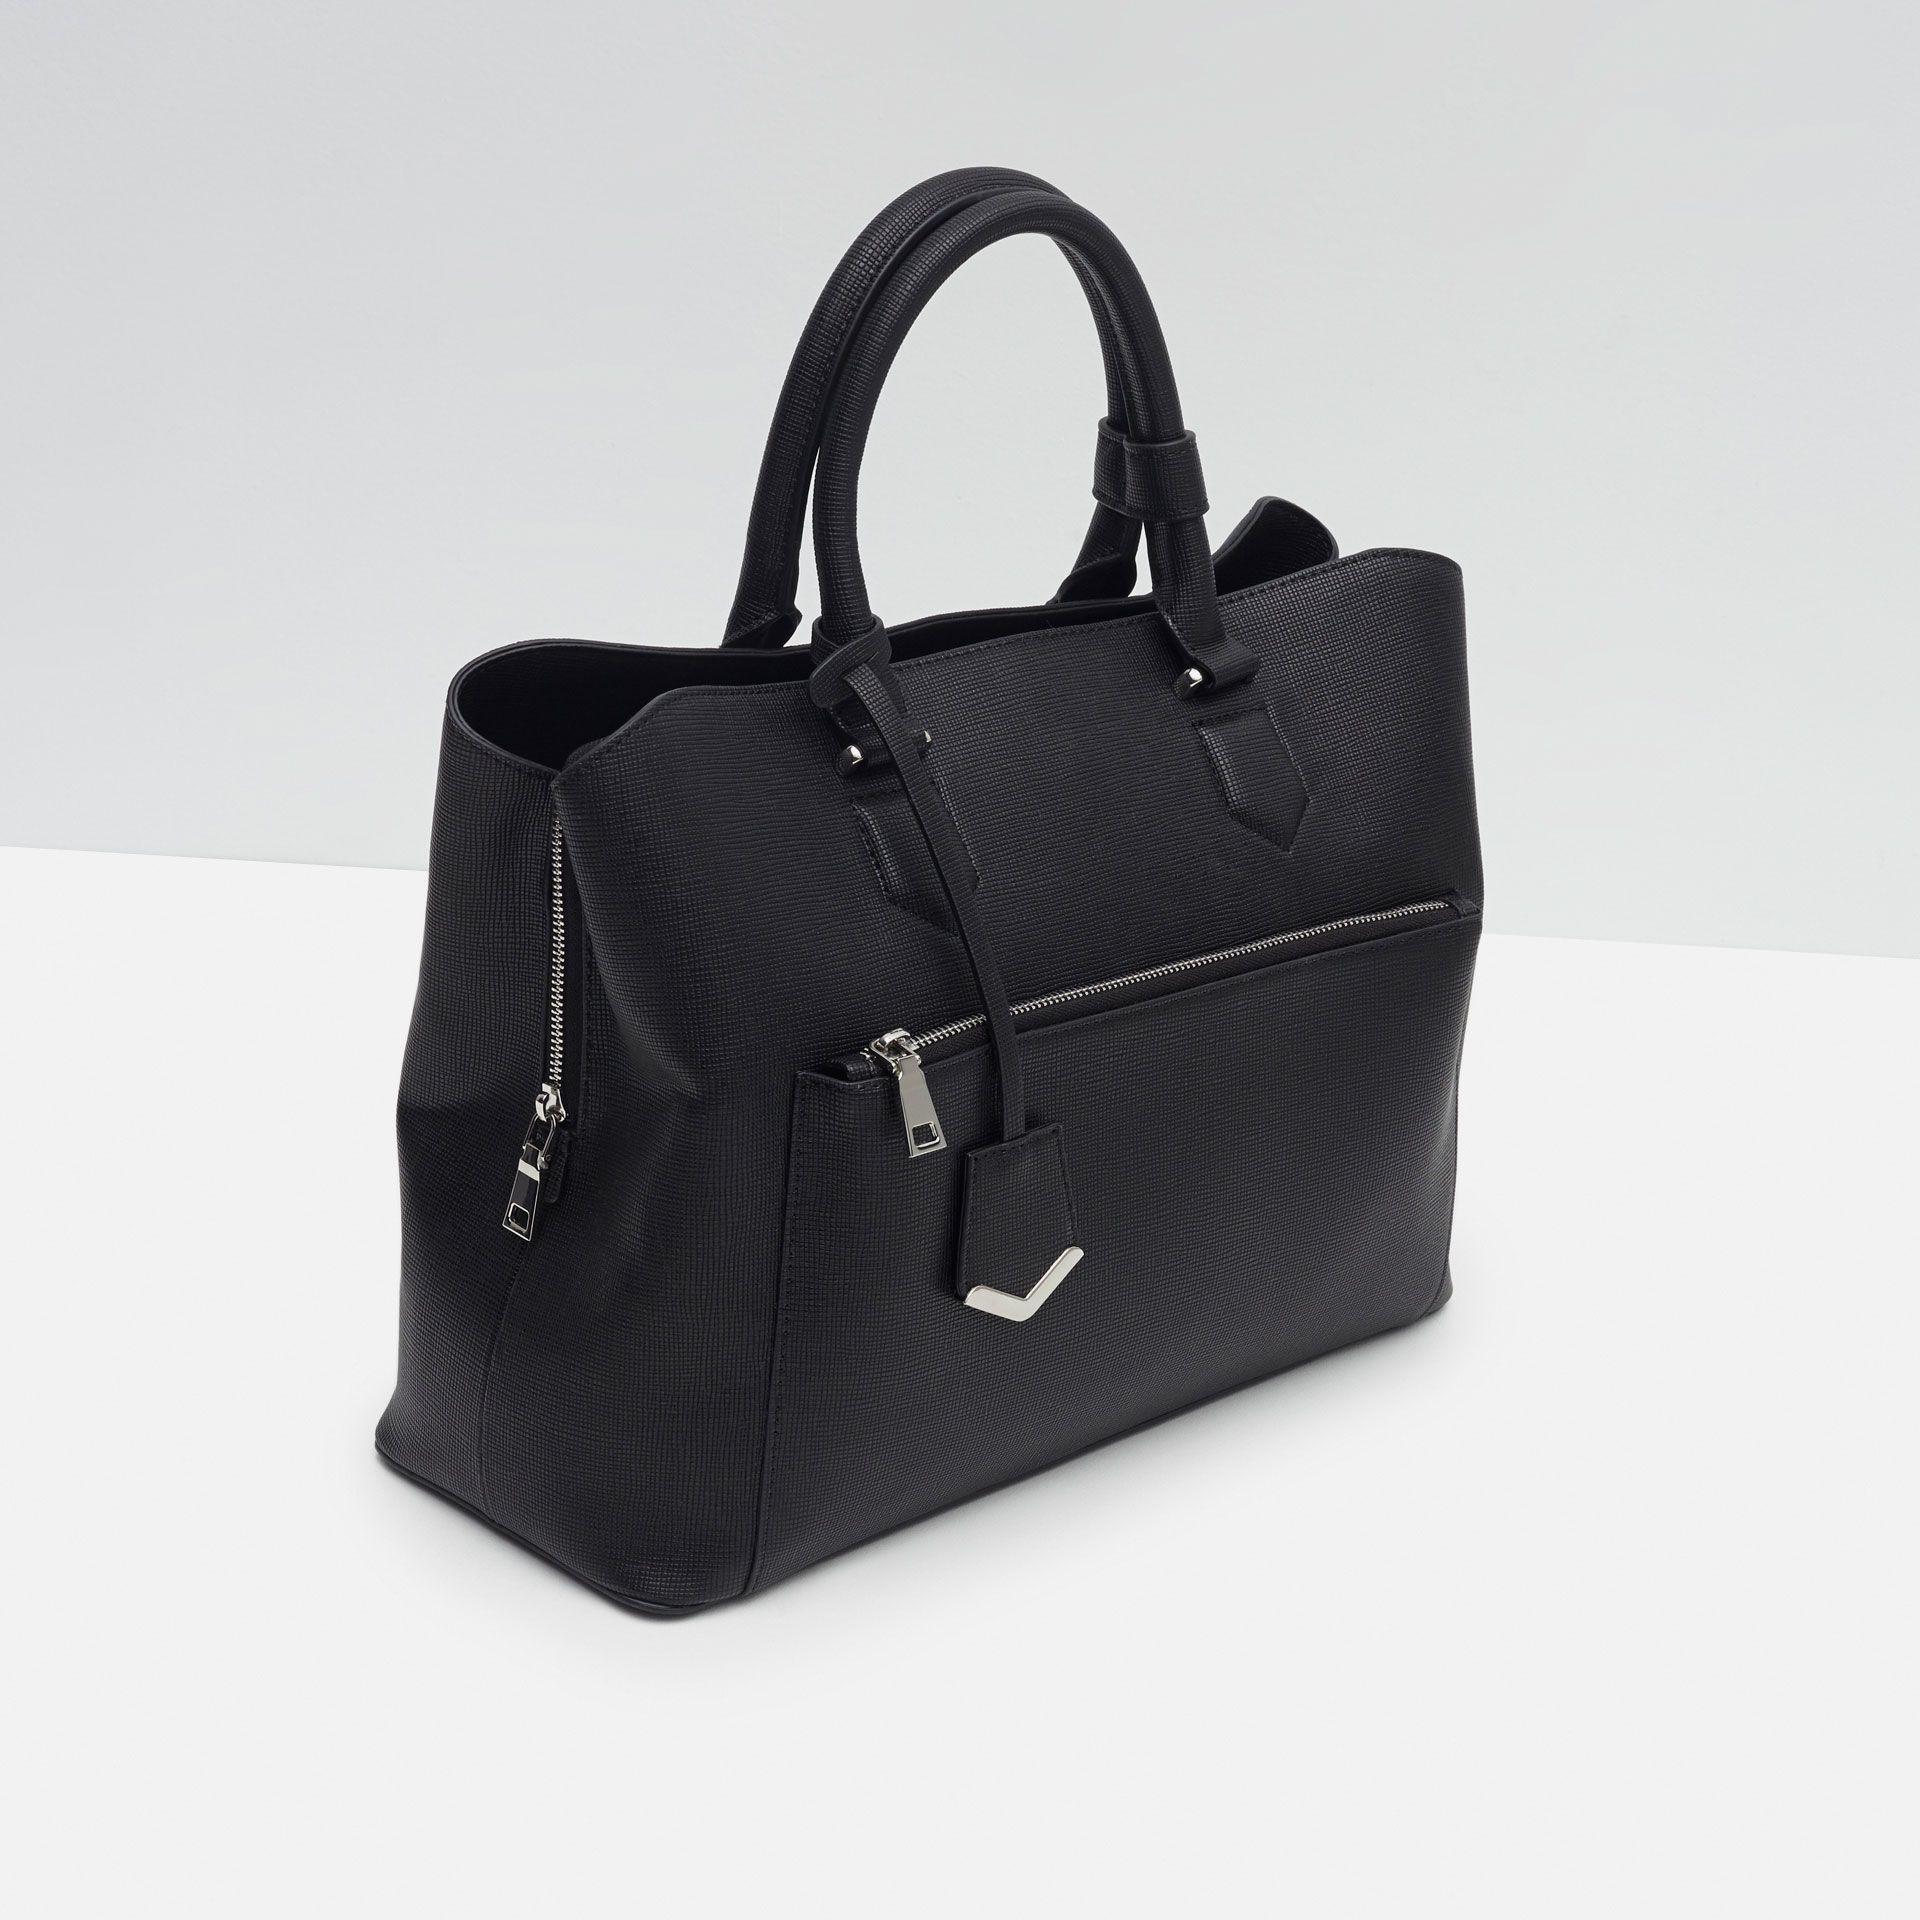 Sac de voyage Citybag Shopper Sac de Bagages à main Rjy9YUqQ